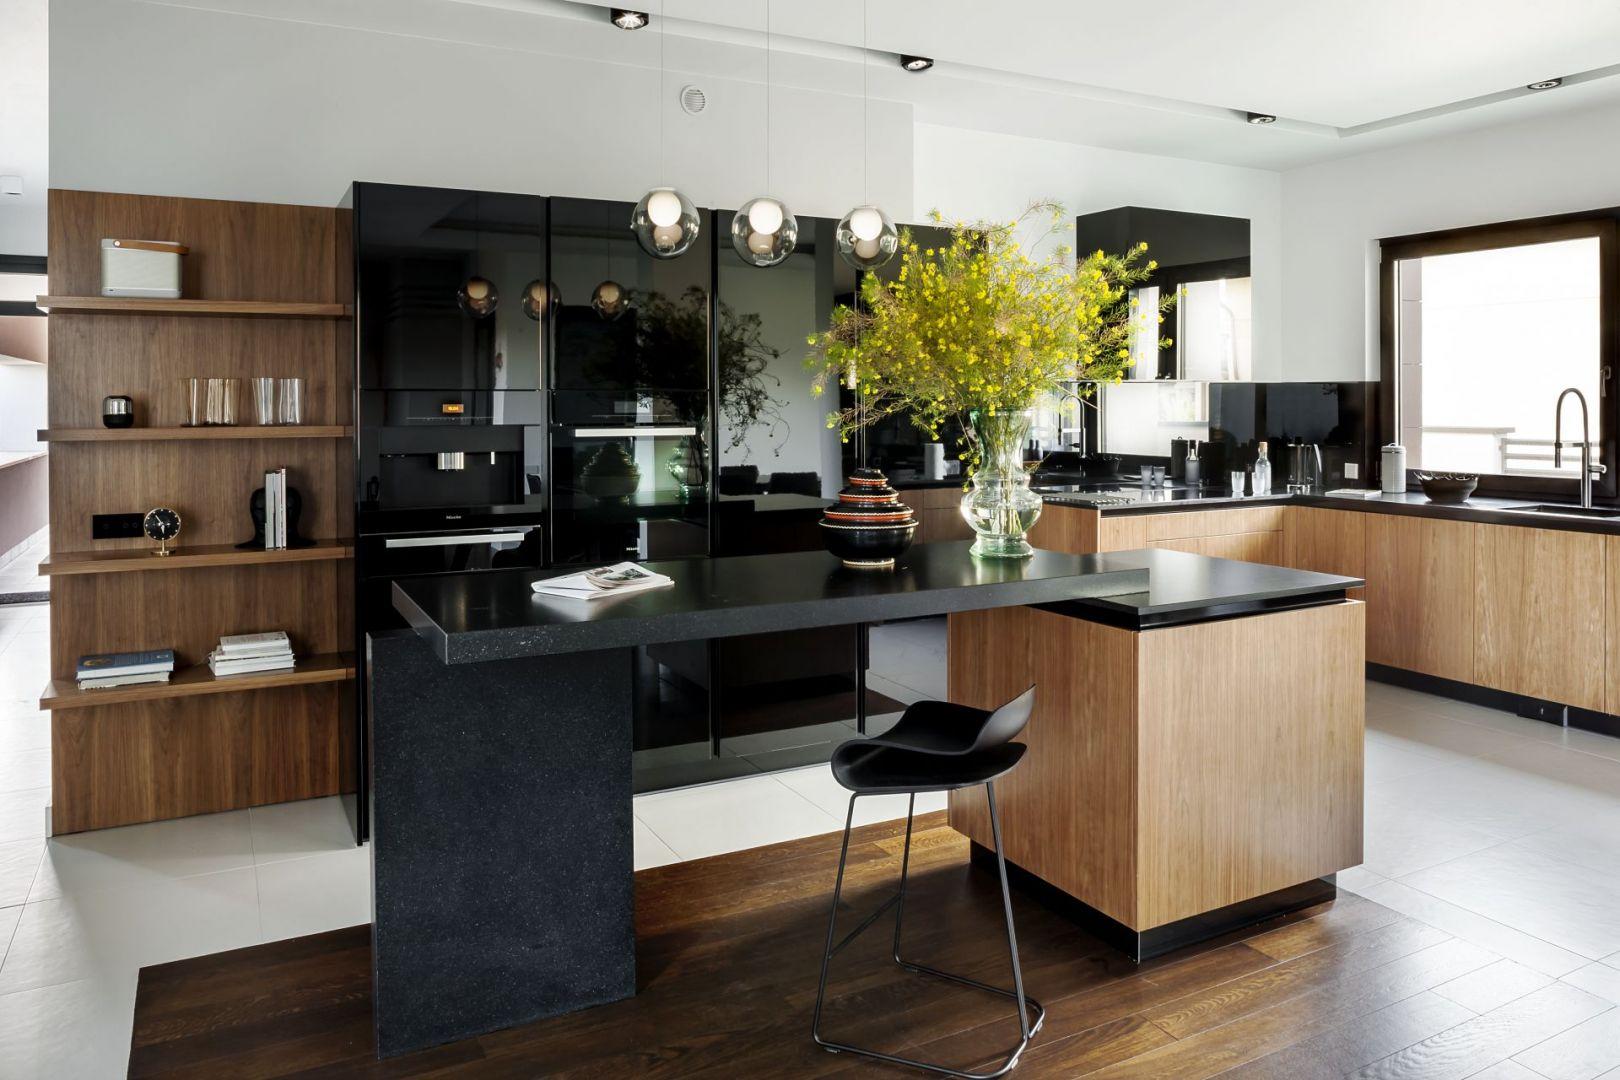 Nie tylko biel dobrze komponuje się z drewnem. Czarne, lakierowane powierzchnie i drewno o karmelowym wybarwieniu sprawią, że wnętrze kuchni będzie niezwykle eleganckie. Fot. Zajc Kuchnie